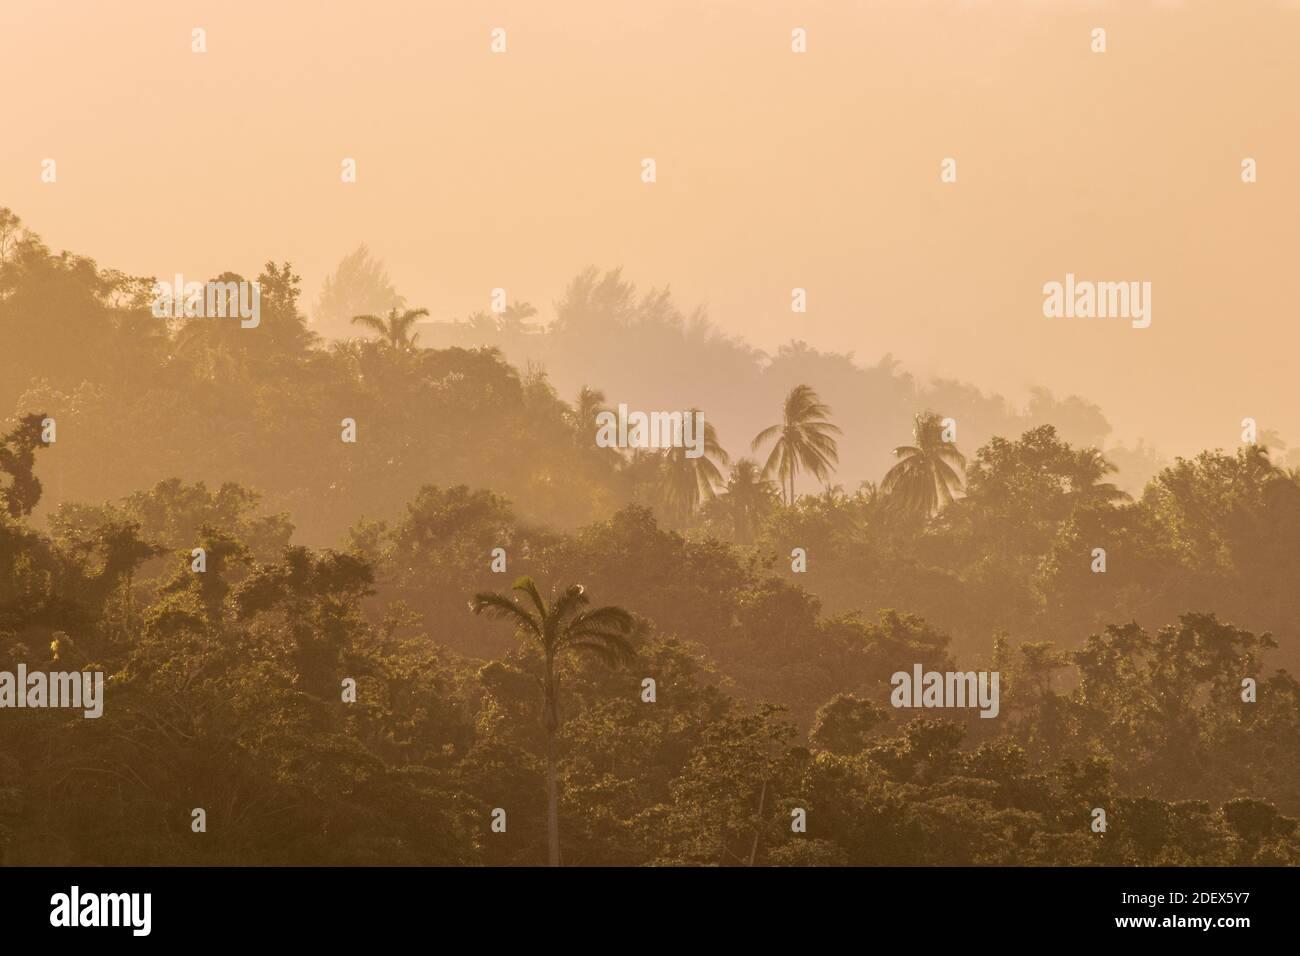 Geografía / viajes, Jamaica, exuberante selva tropical y niebla en las estribaciones de las Montañas Azules, Derechos adicionales-Clearance-Info-no-disponible Foto de stock